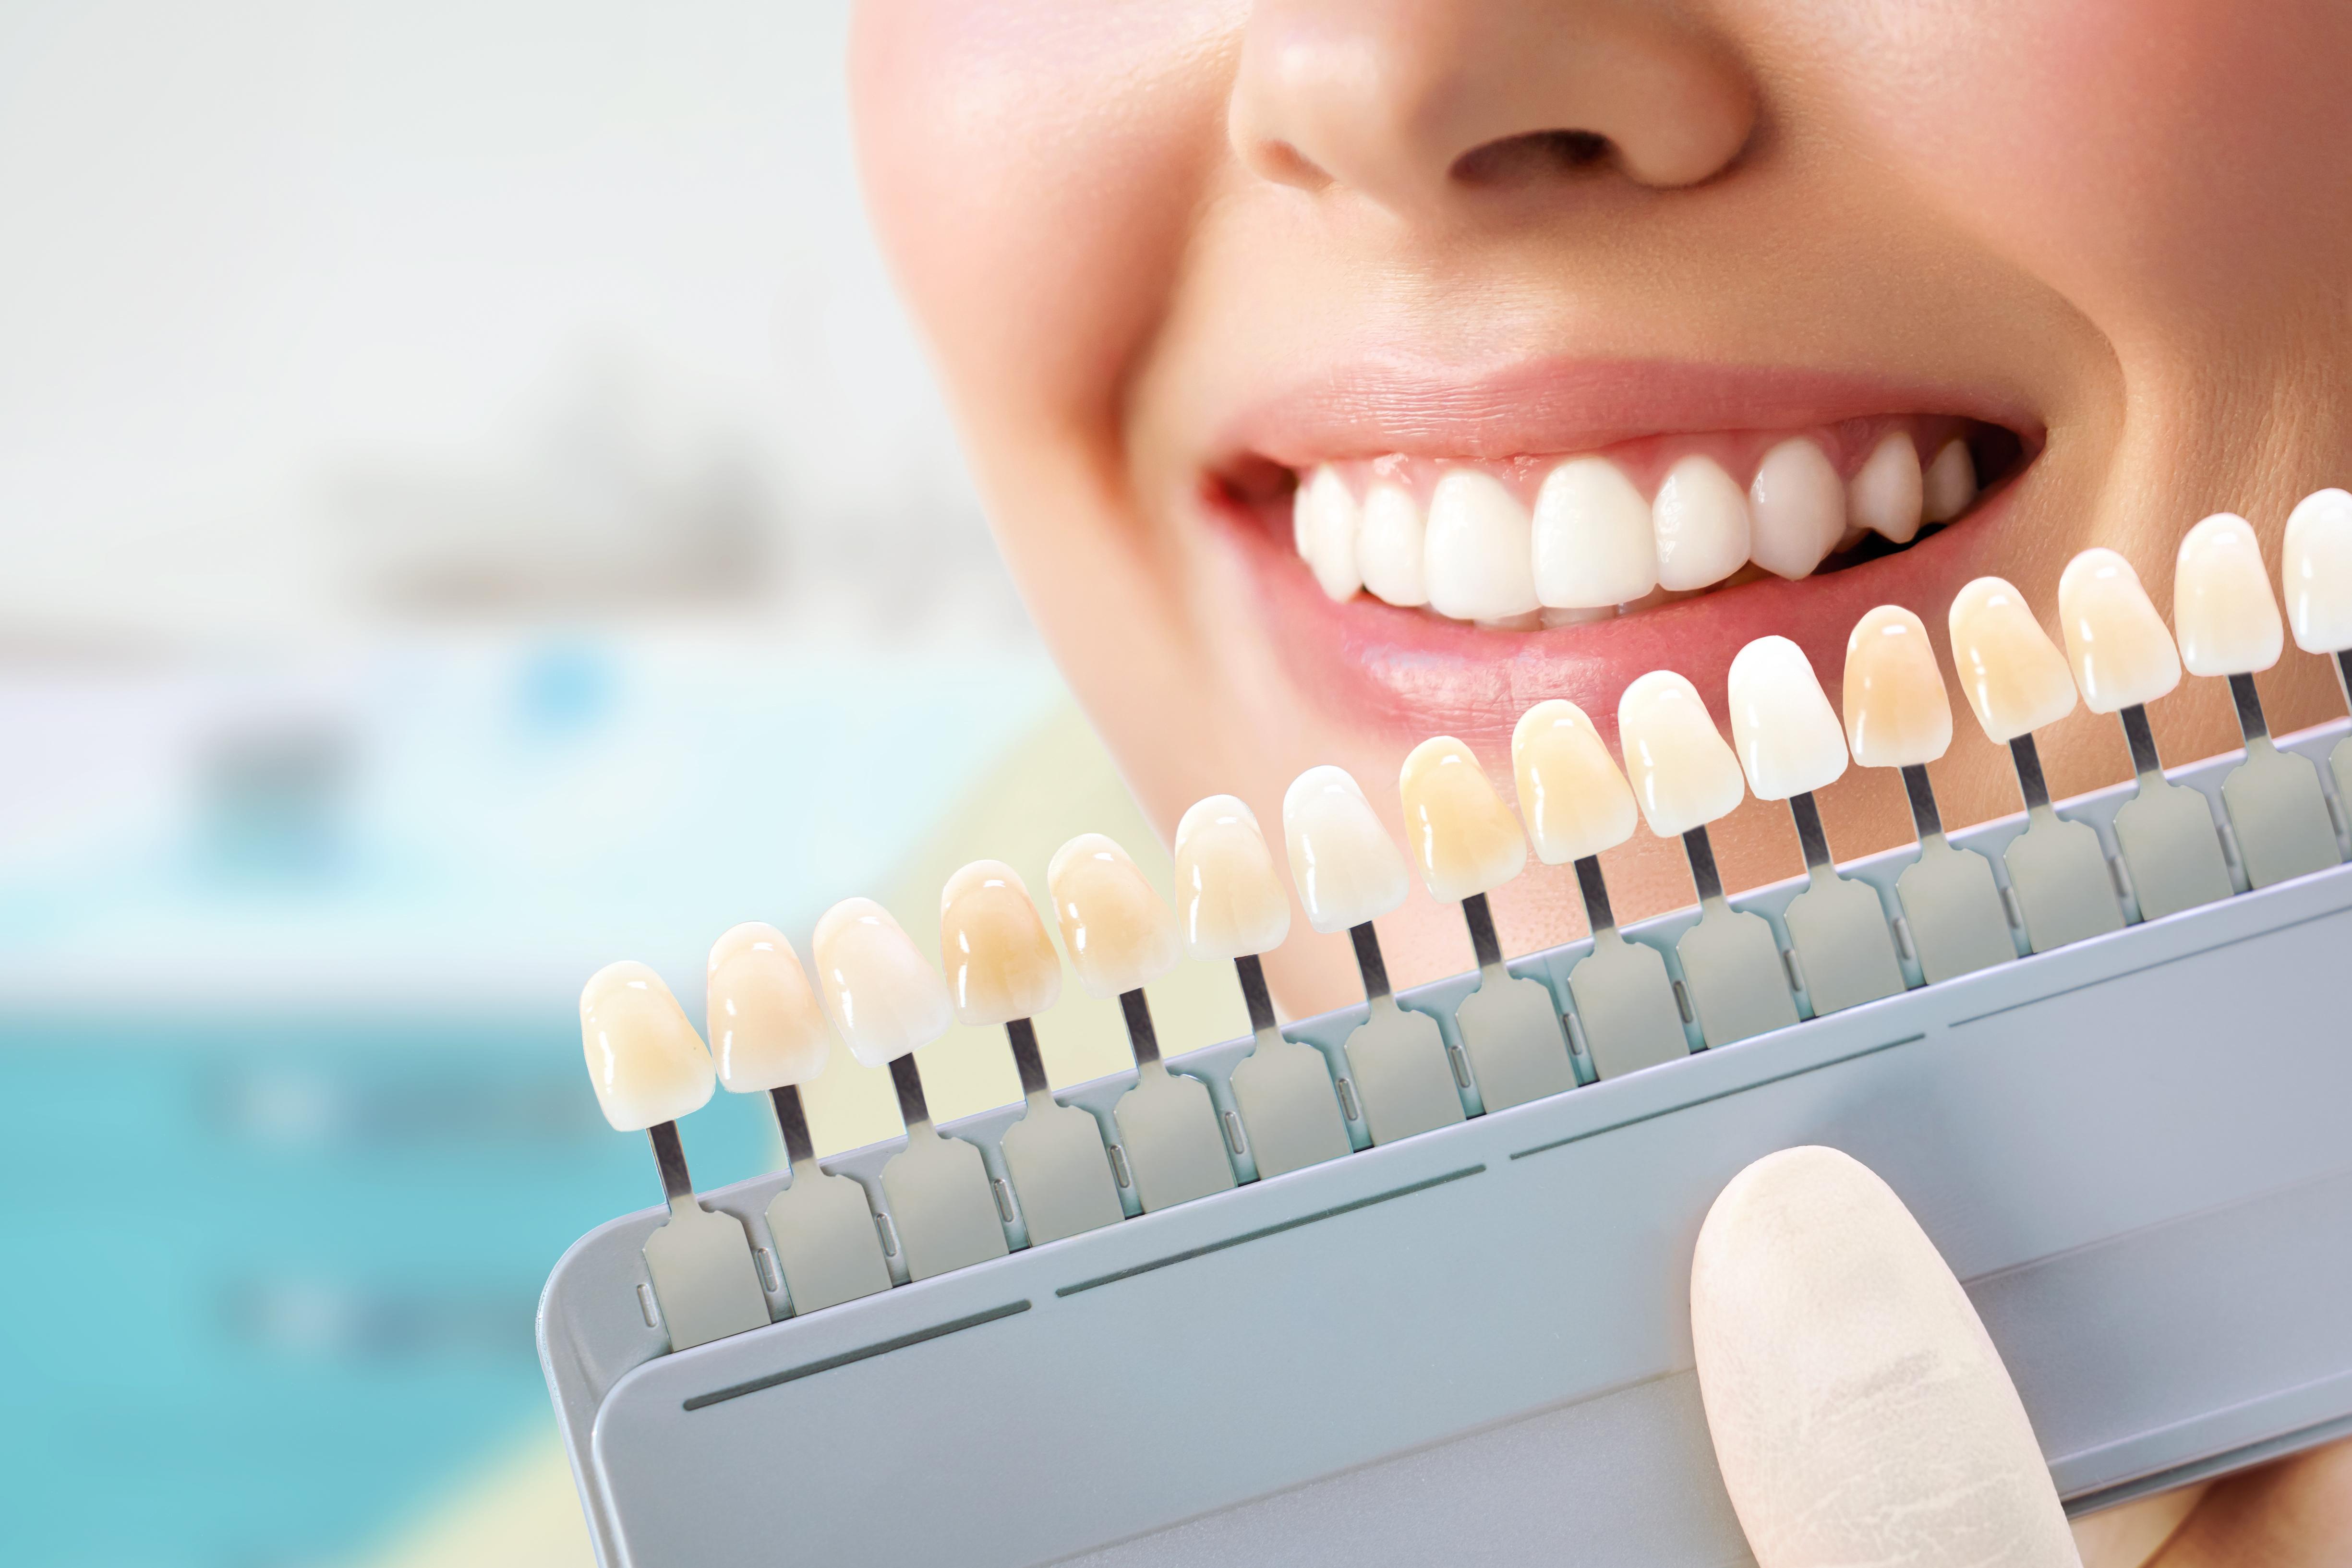 Odontoiatria estetica: che cos'è?